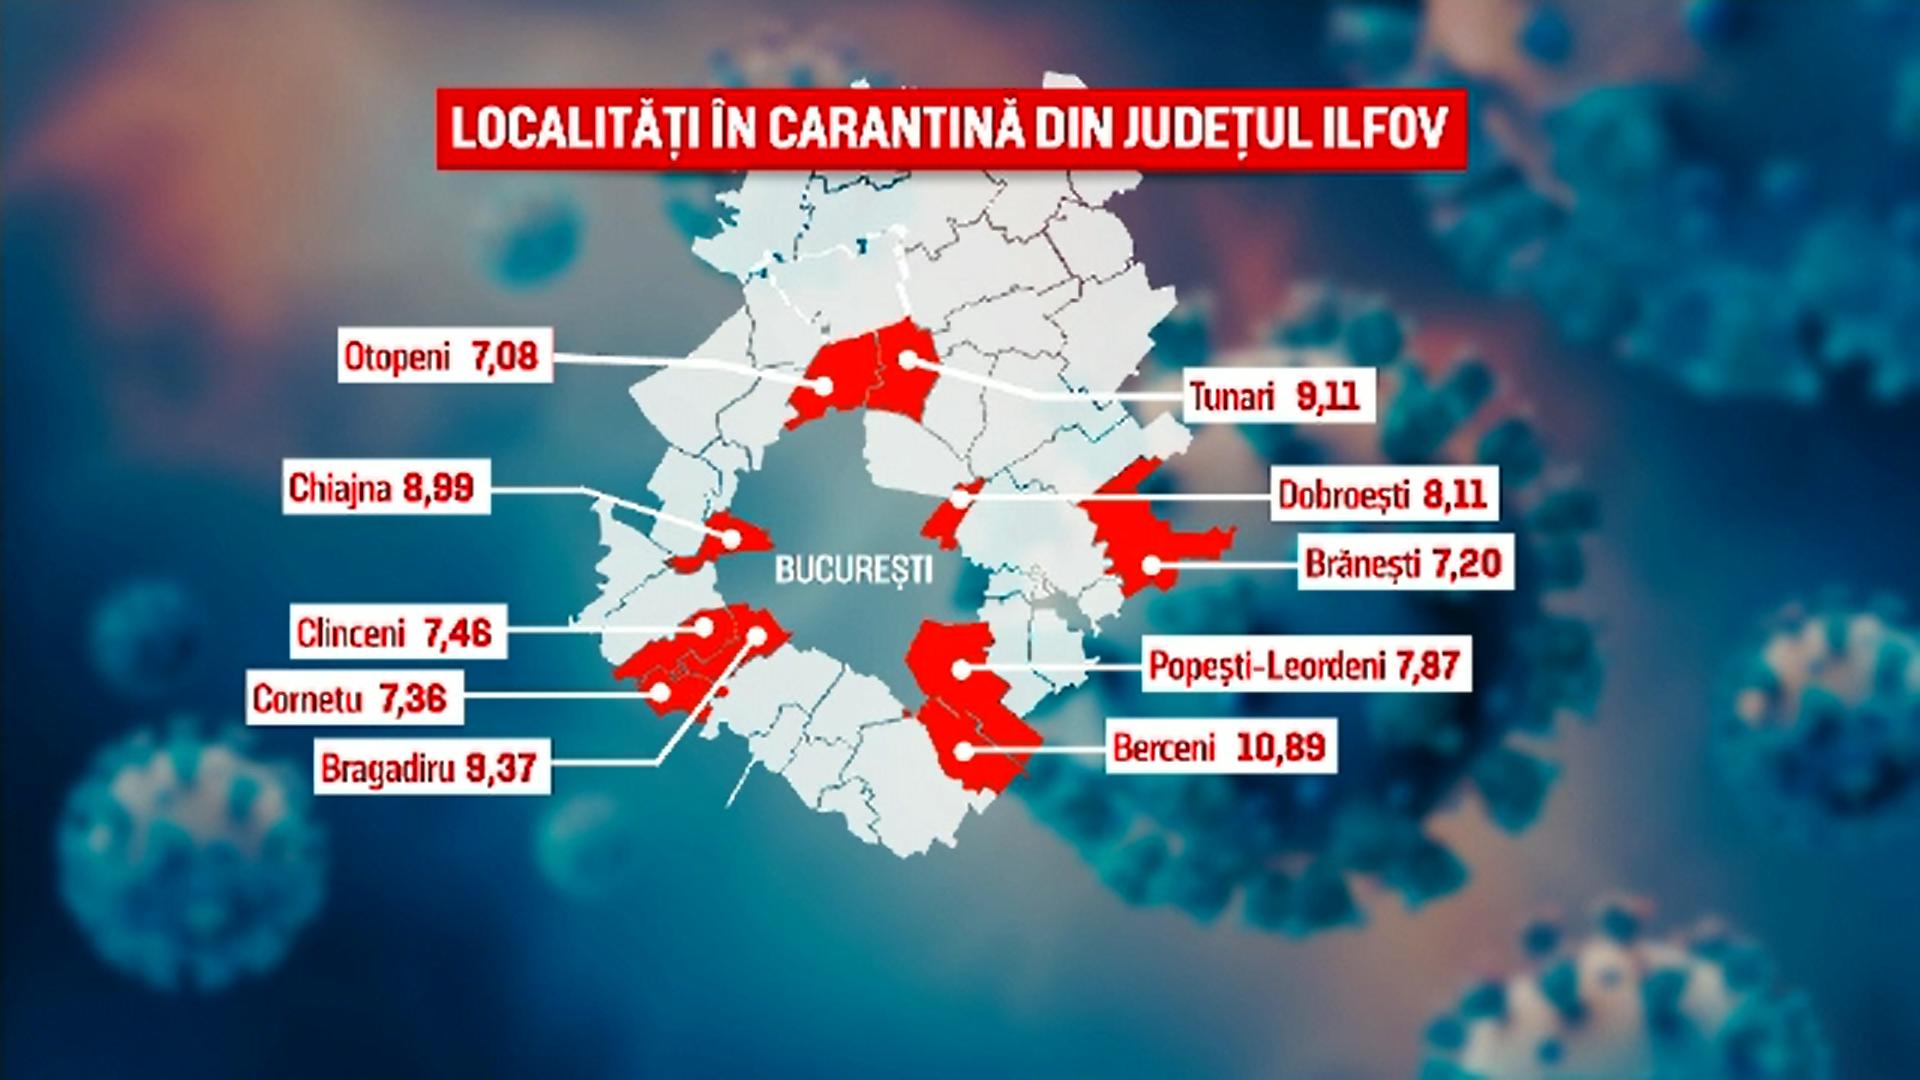 Județul Ilfov are cele mai multe localităţi intrate în carantină. Tunari, localitatea cu cea mai mare incidență